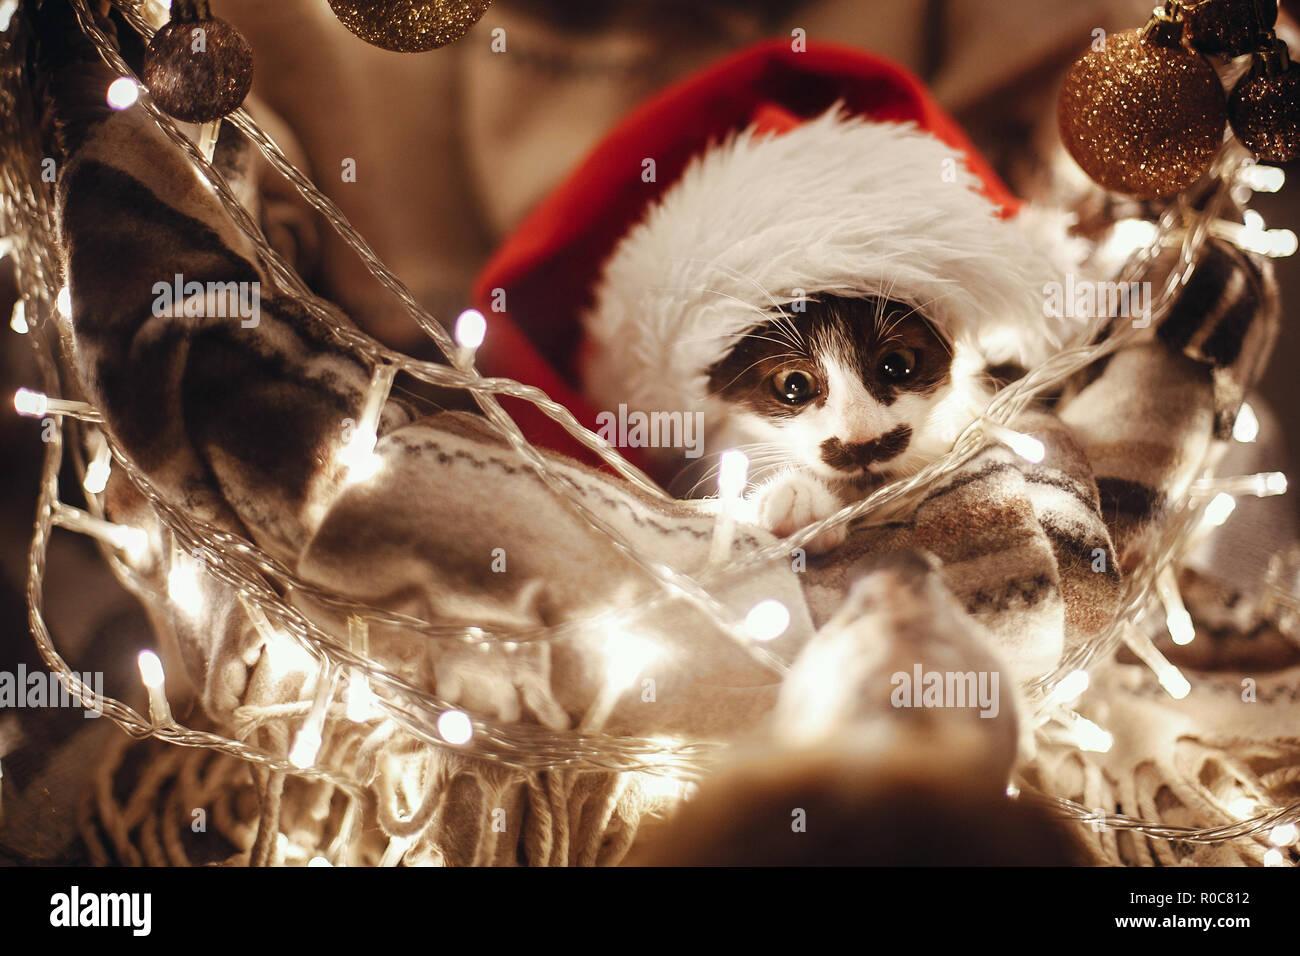 Cute Kitty in Santa hat im Korb sitzen mit Lichtern und Ornamente unter Weihnachtsbaum in festlichem Zimmer, an Hund Freund suchen. Frohe Weihnachten conce Stockbild